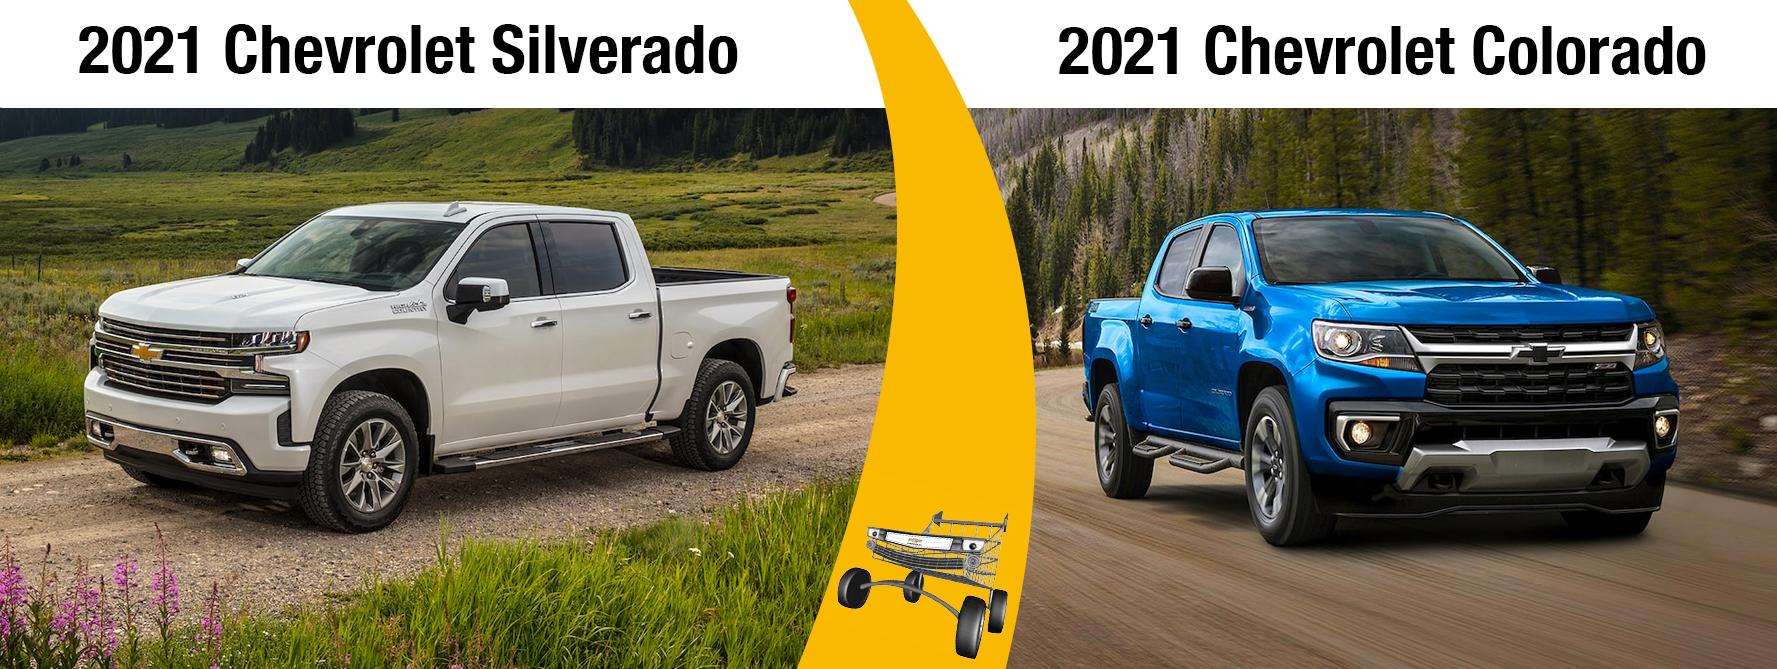 2021 Chevy Silverado vs 2021 Colorado Chicago IL